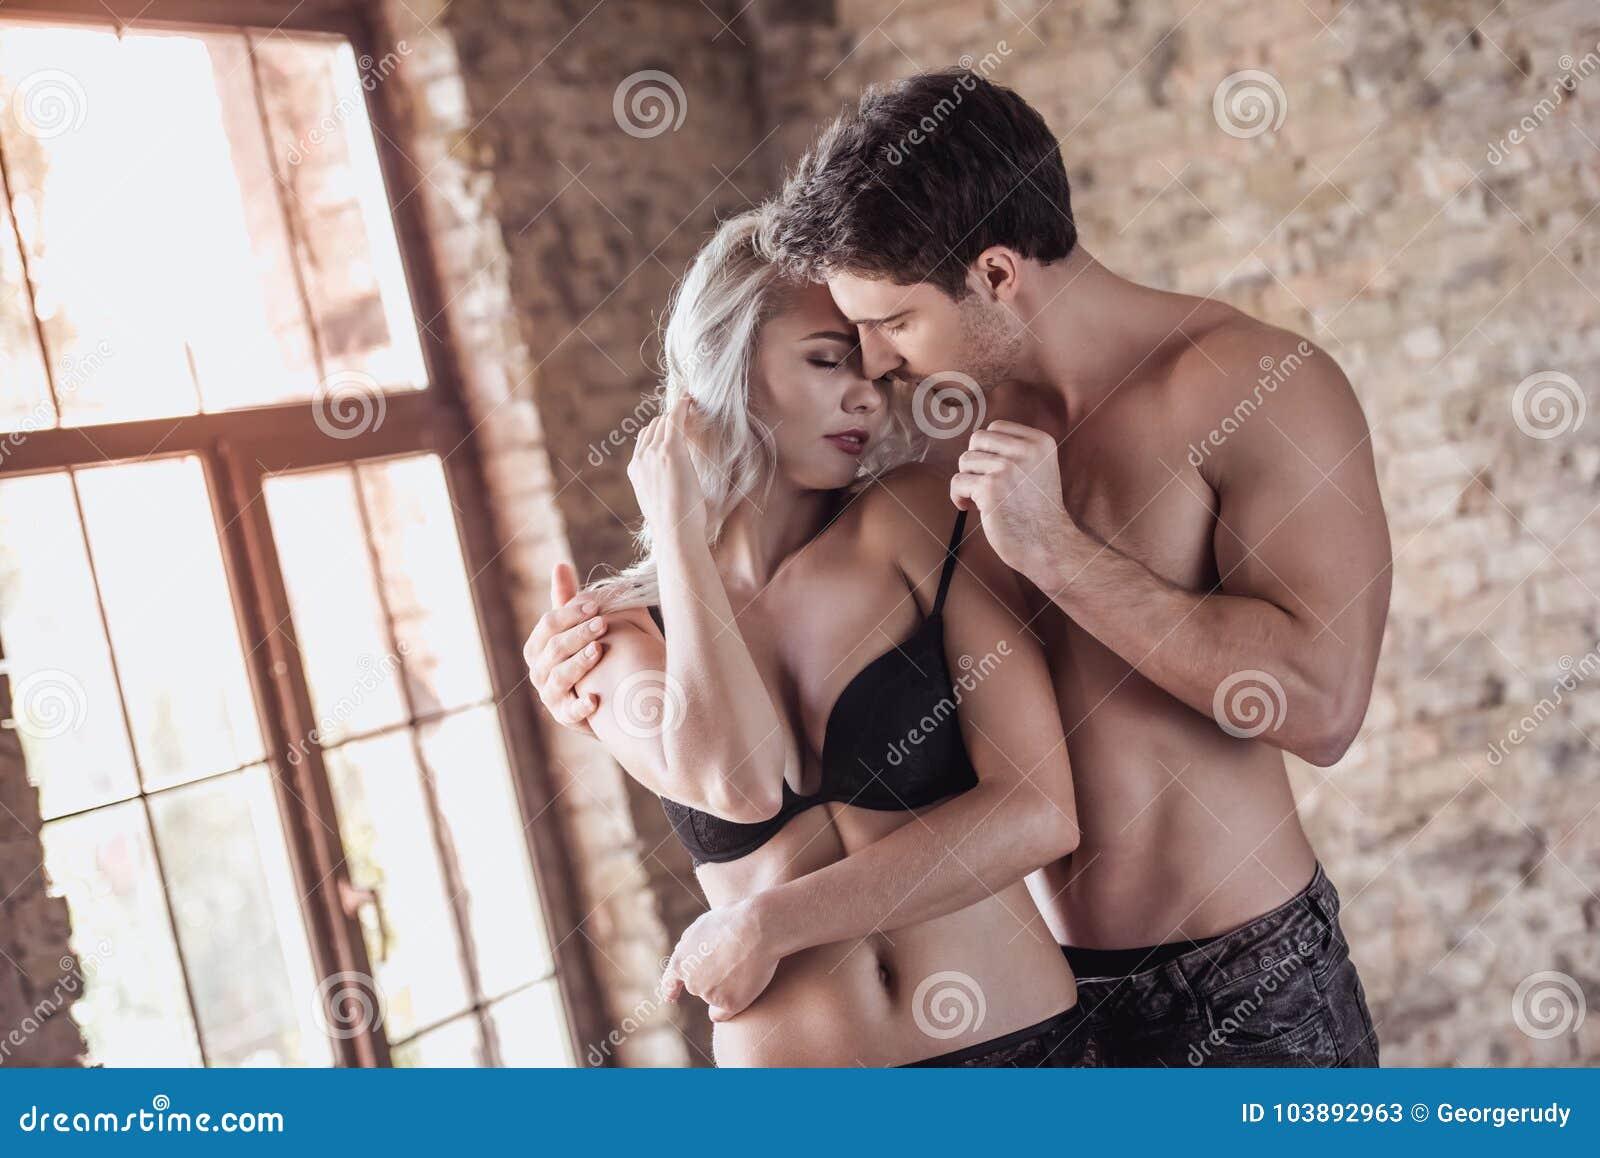 полезная порно в уссурийске знакомства супер, побольше таких!